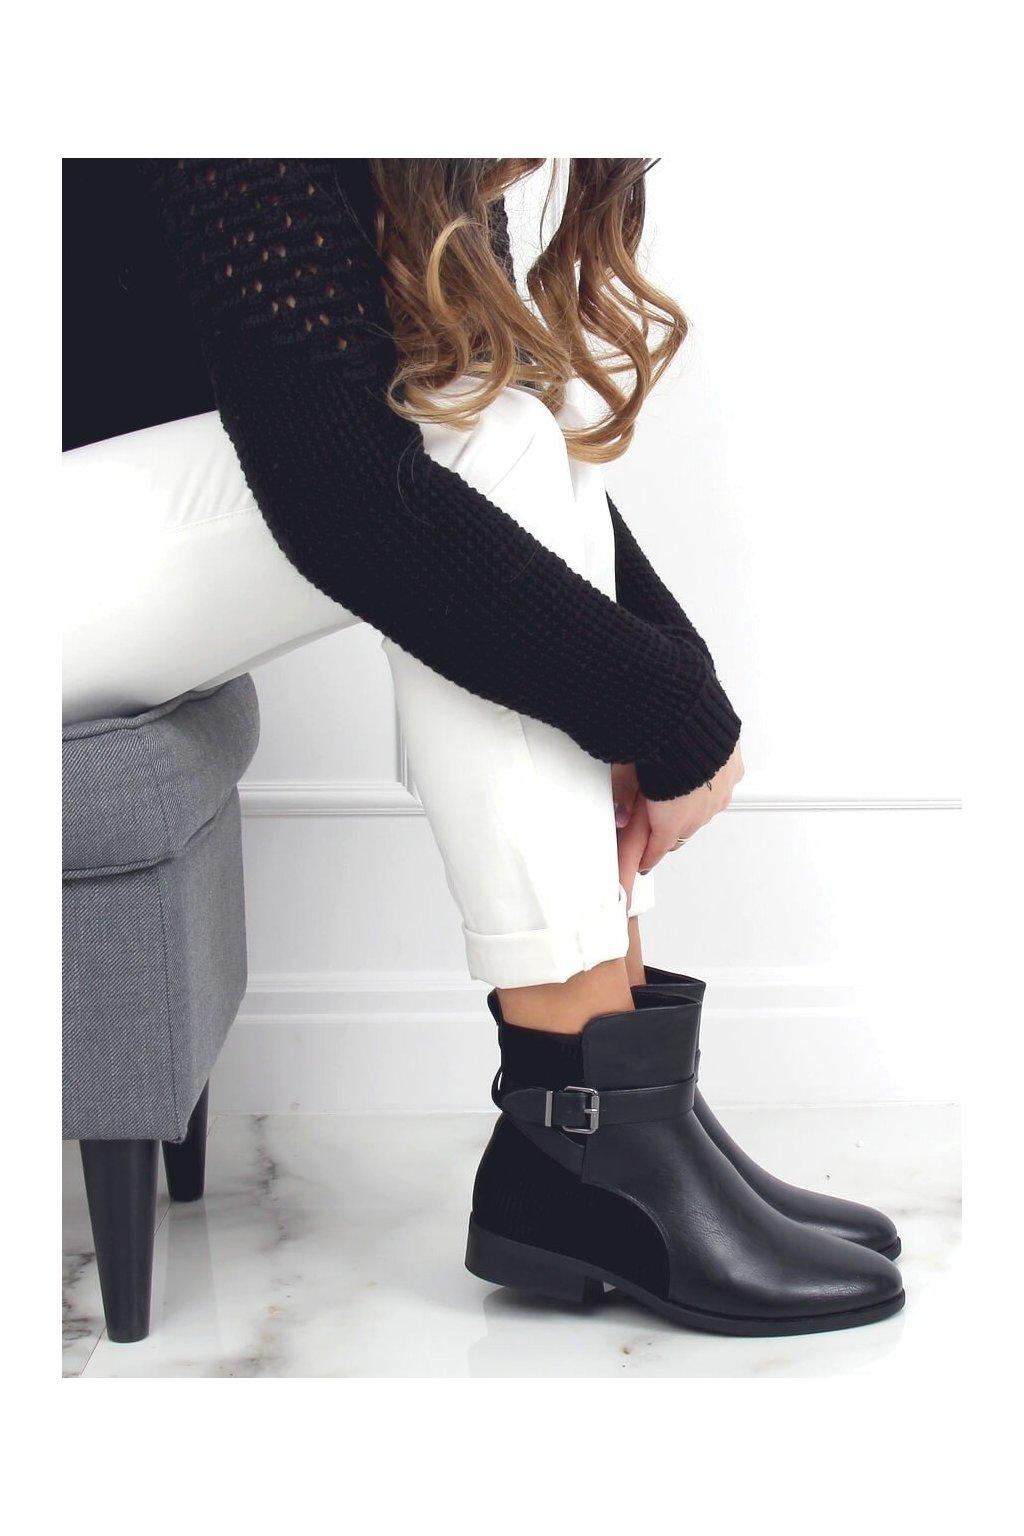 Dámske členkové topánky čierne na plochom podpätku 1058